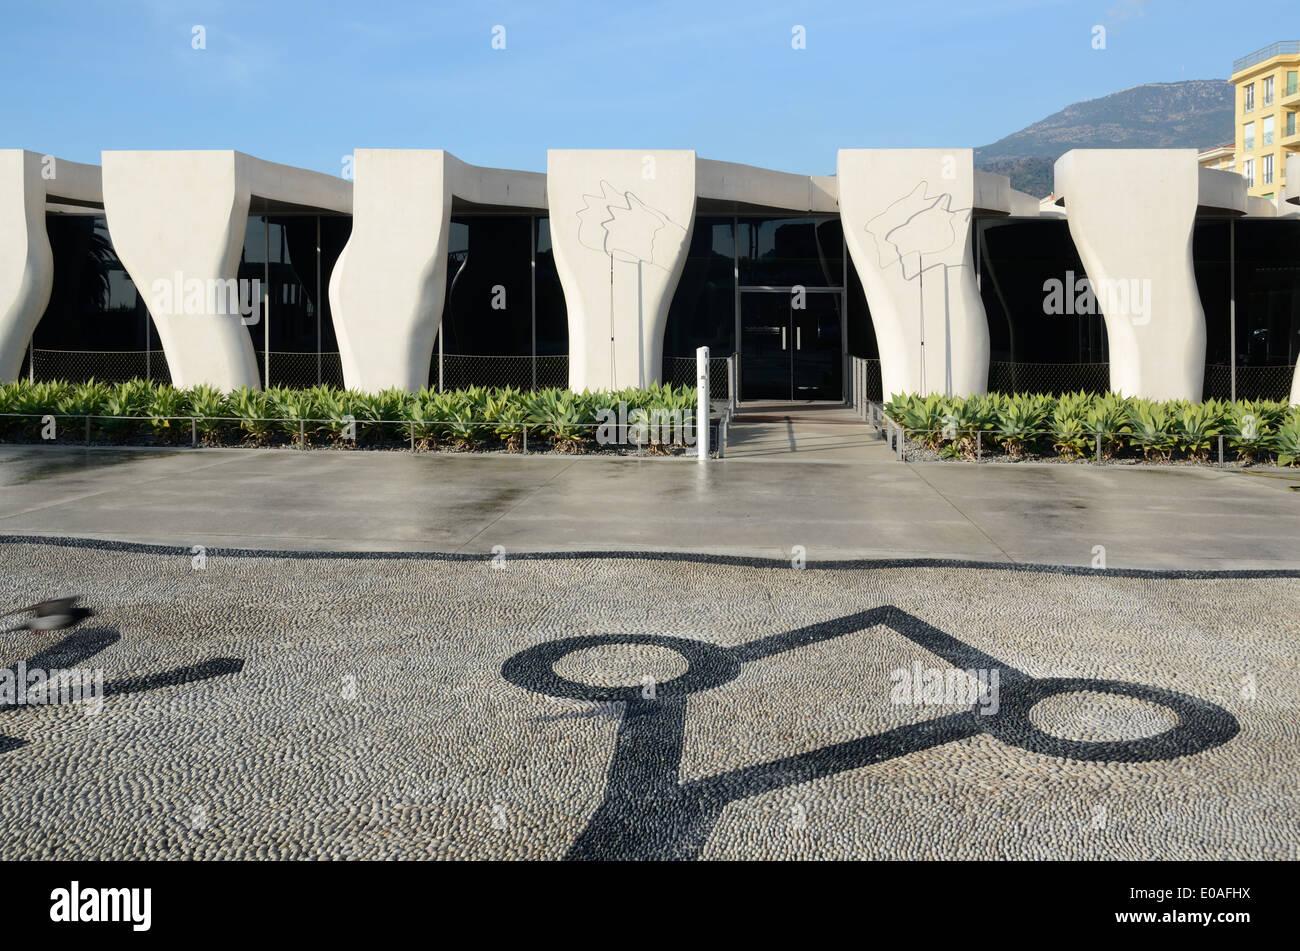 Ingresso alla Jean Cocteau Museo by Rudy Ricciotti & Occhi di mosaico di ciottoli Lizard Menton Alpes-Maritimes Francia Immagini Stock